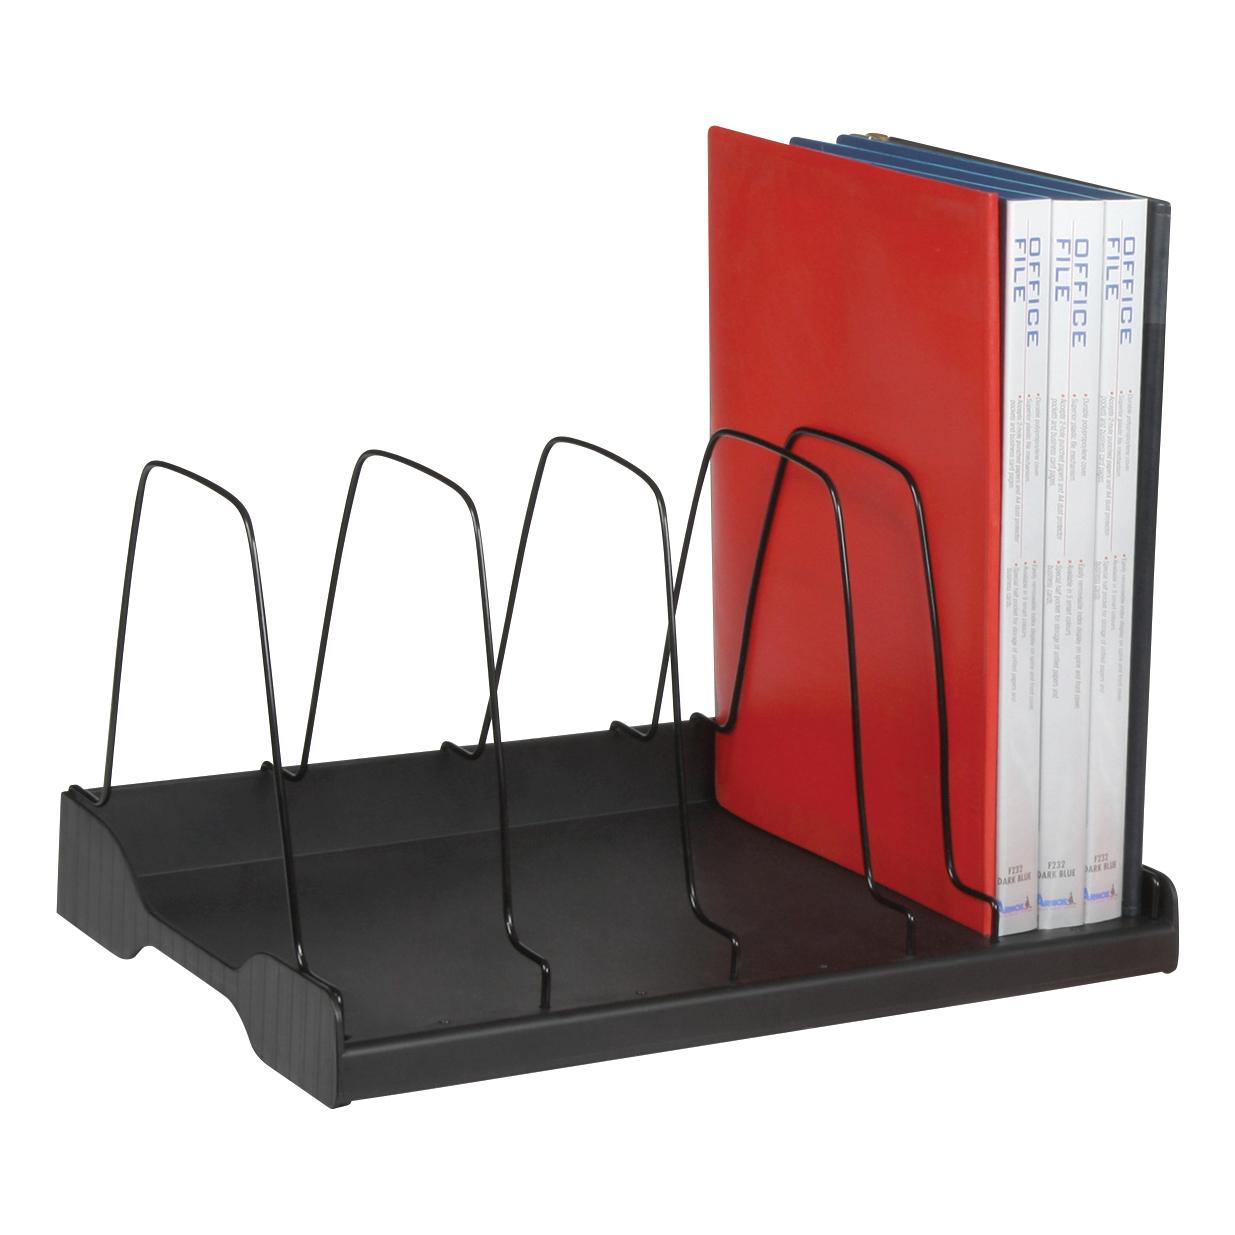 Adjule Book Rack 6 Wire Dividers W388xd275xh220mm Black